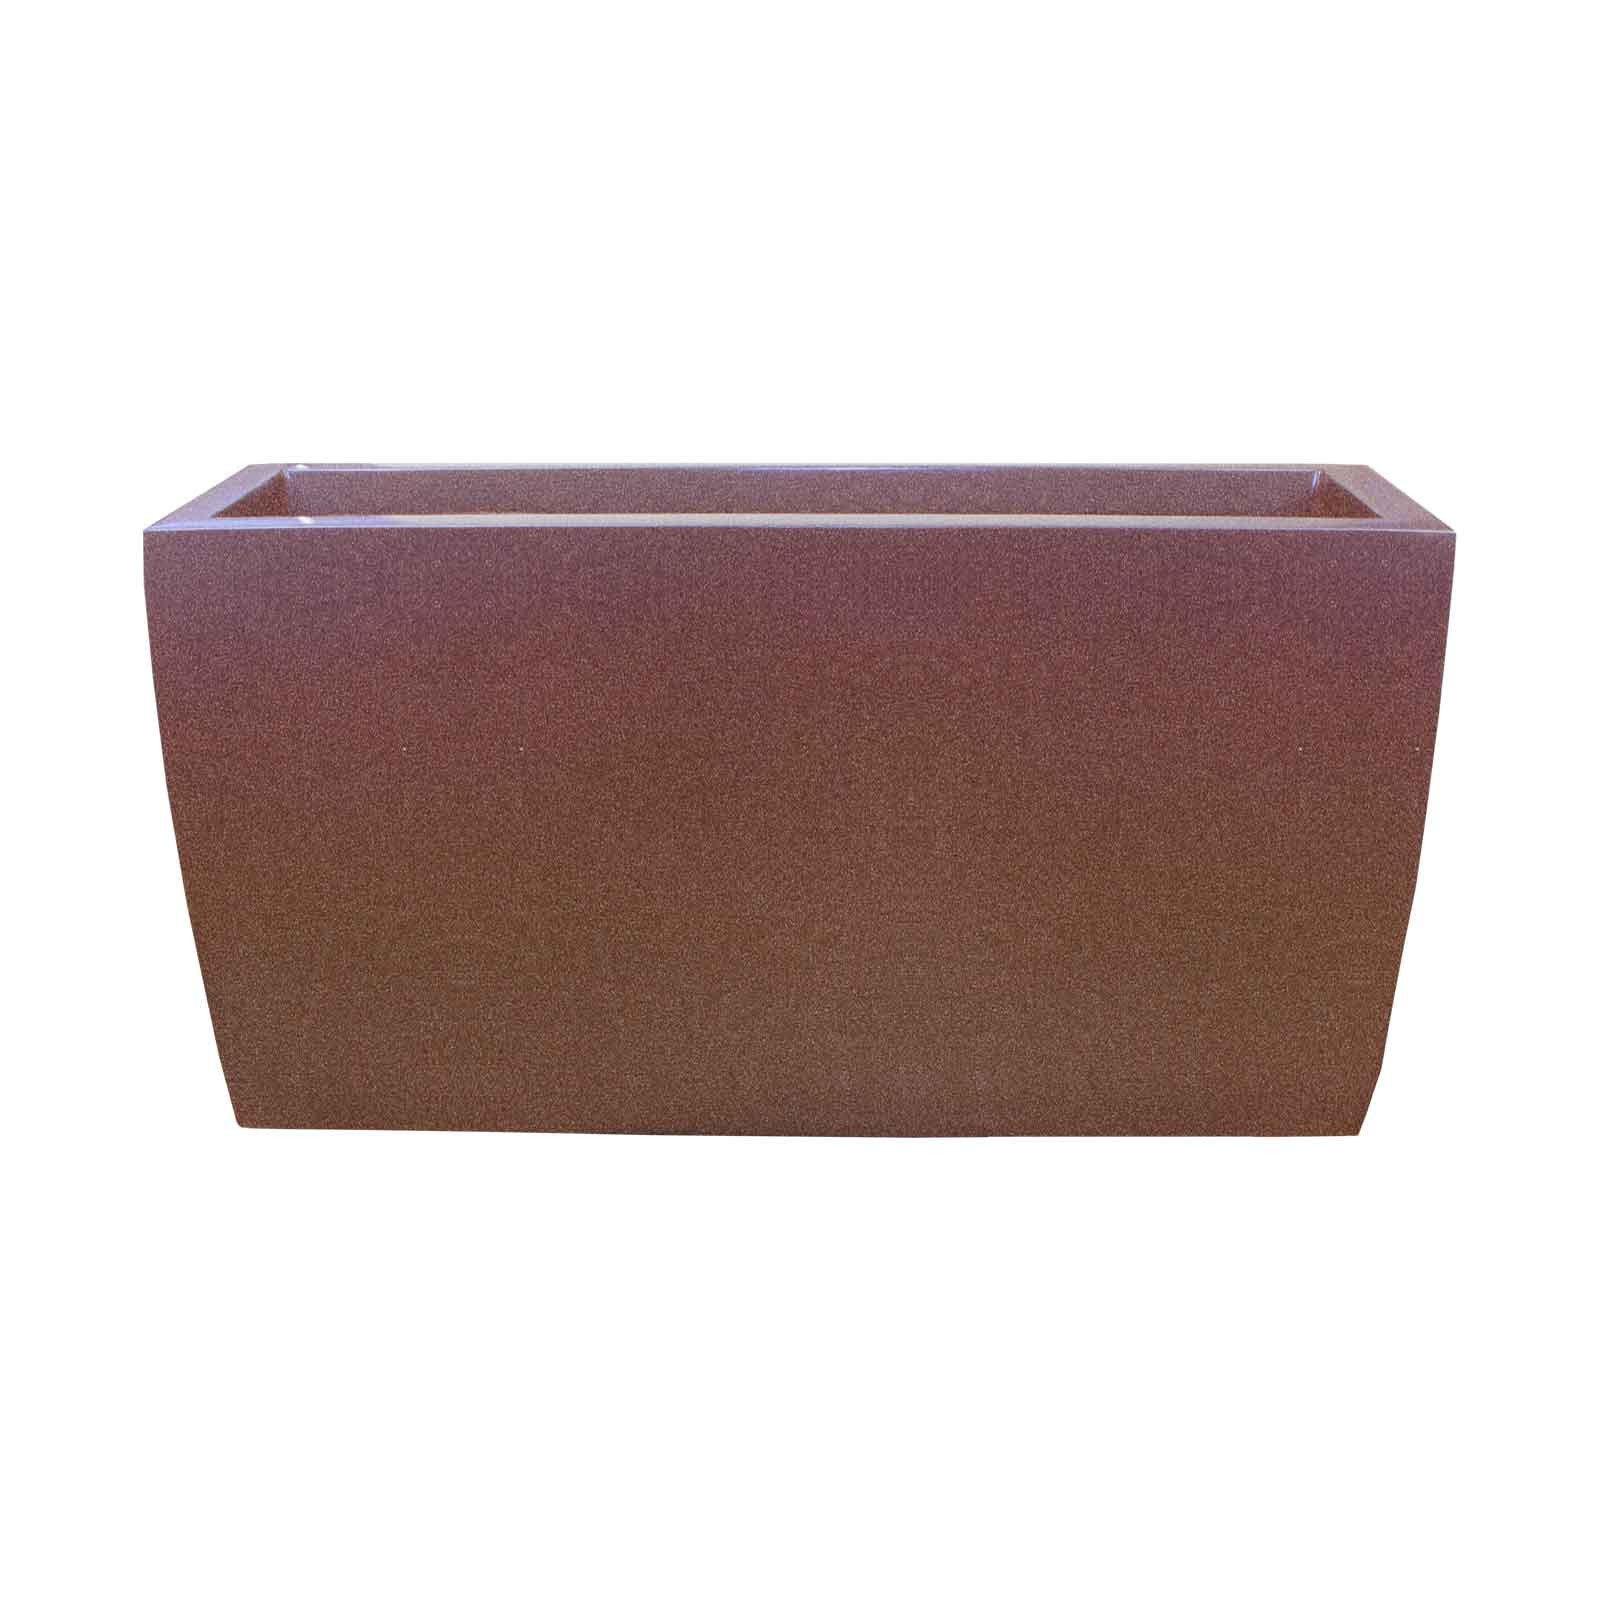 Tapered Planter Box - Fiberglass - 36'L x 12'W x 18'H